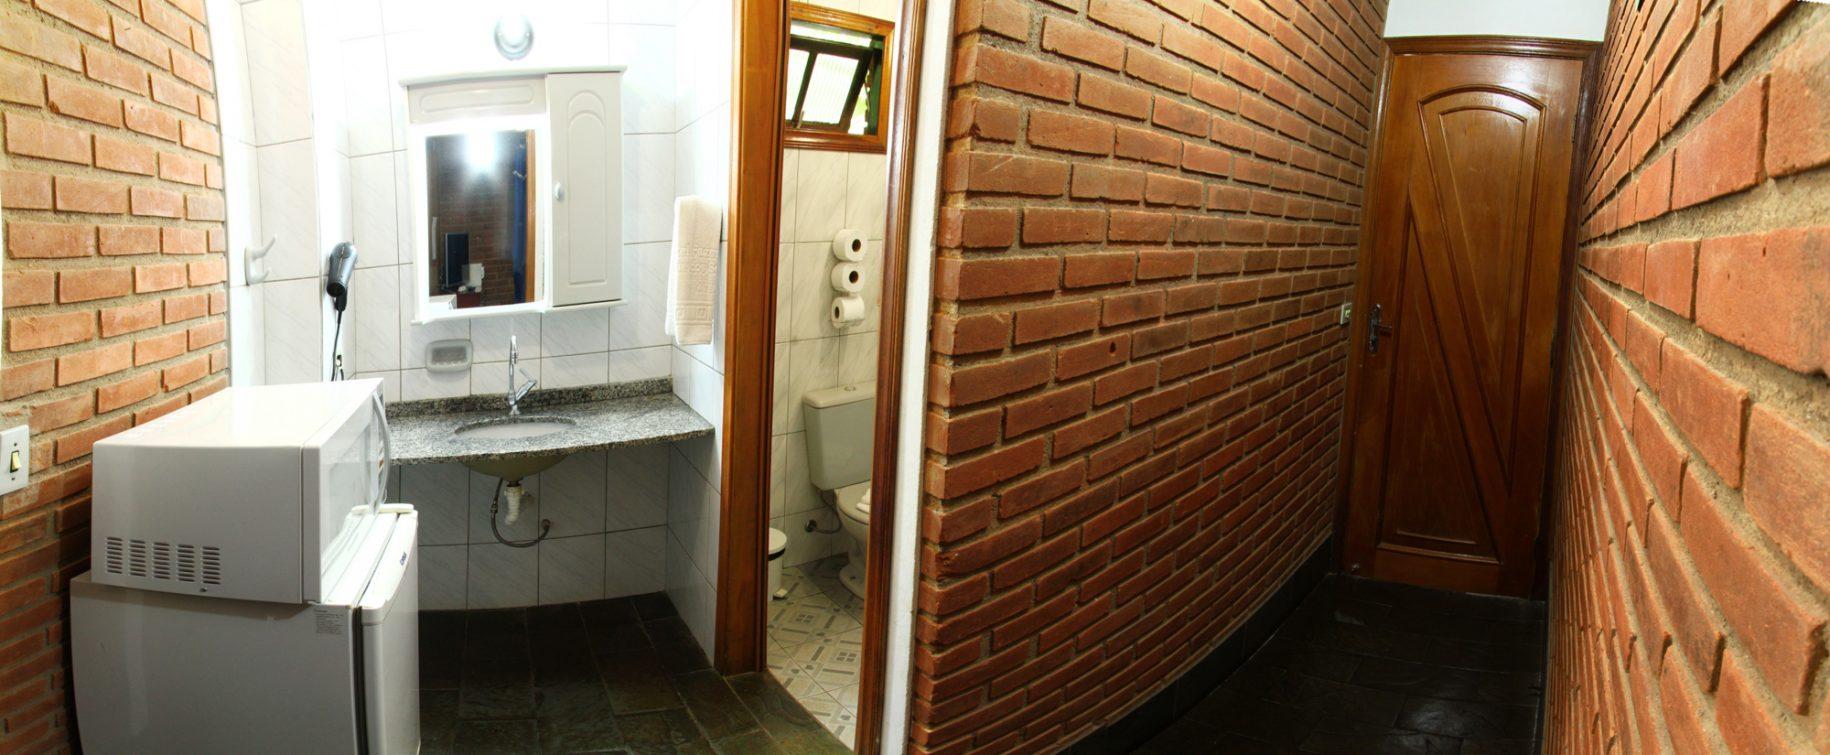 Chalé 01 no hotel fazenda parque dos sonhos, vista da foto para entrada e copa com frigobar, pia, microondas